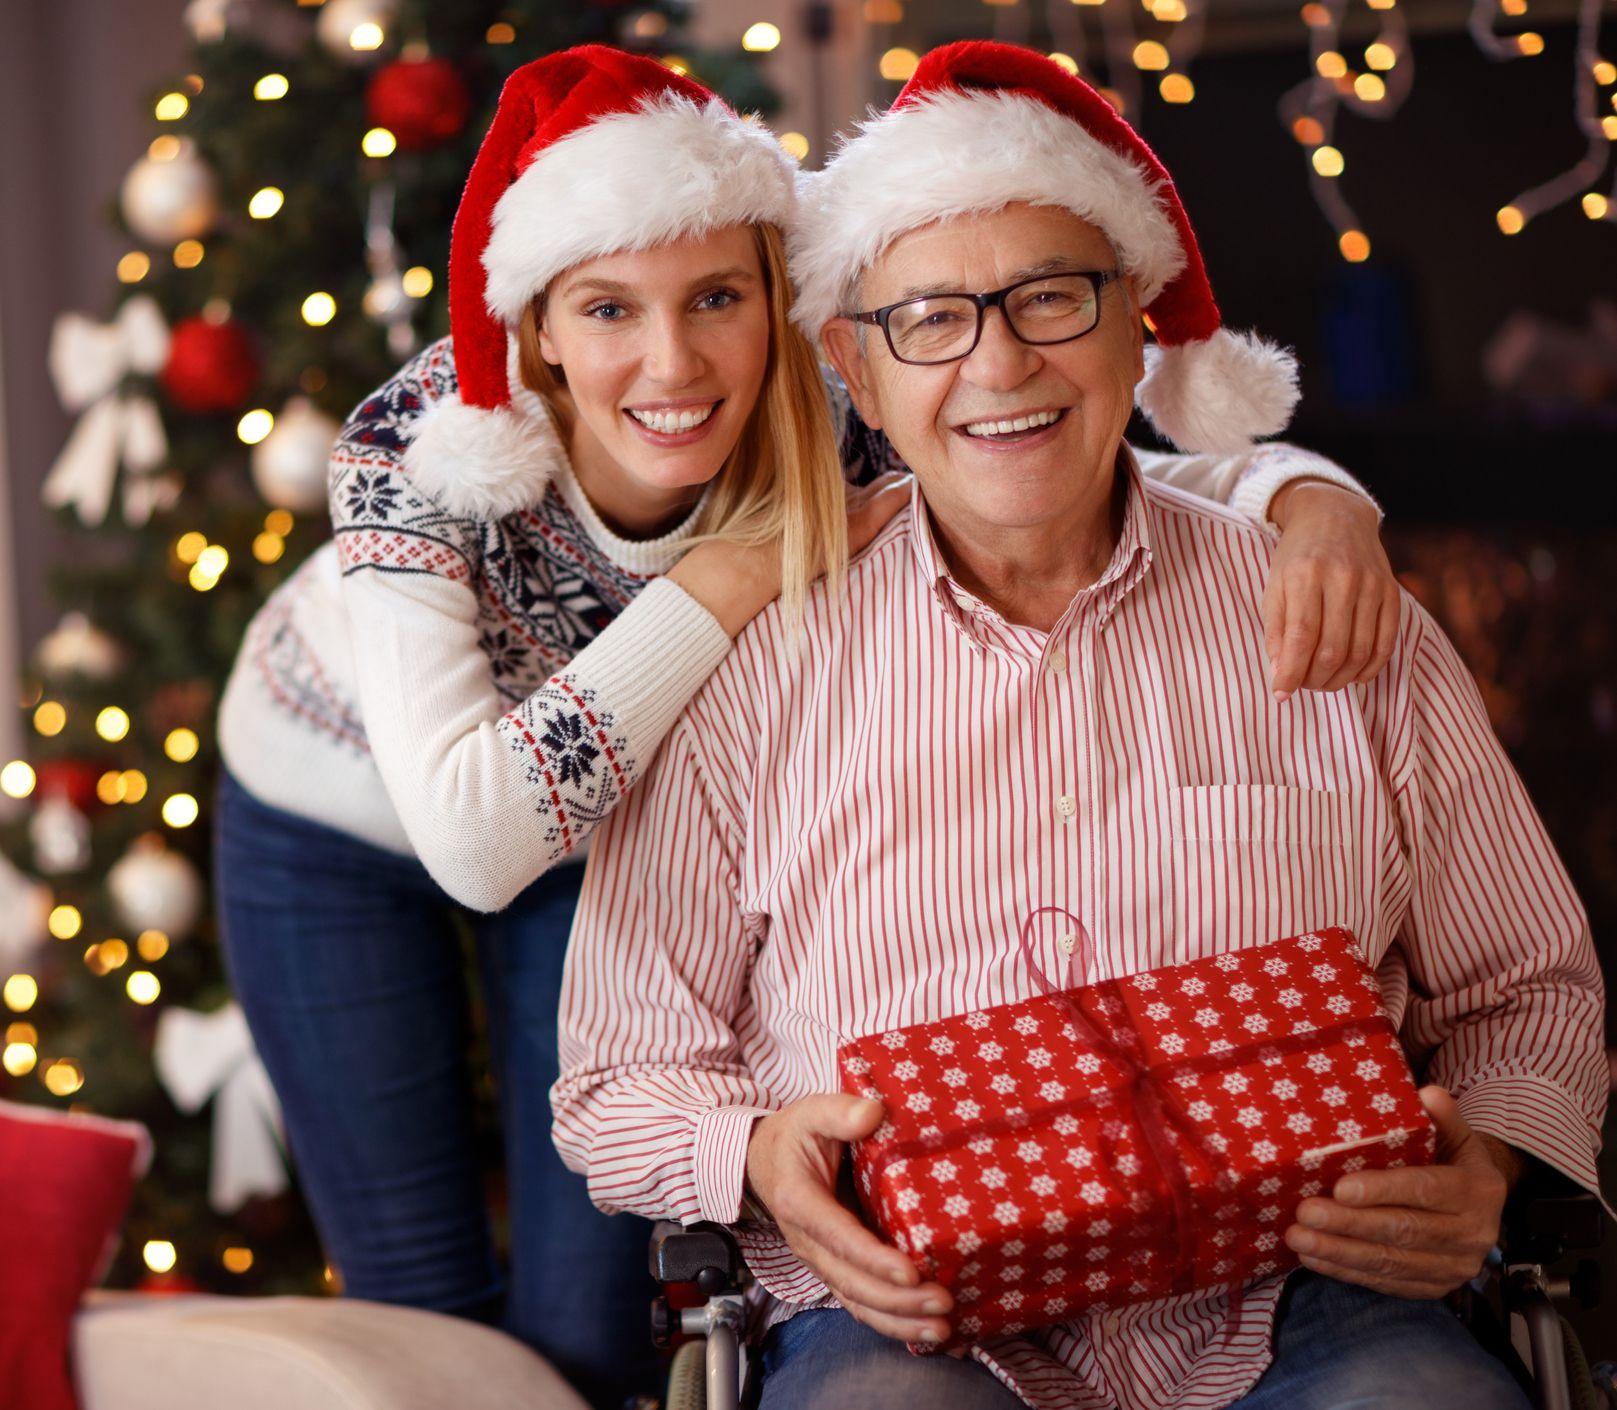 Vianoce sú časom hádok aj rozchodov: Zvládnite zaťažkávajúce skúšky vo vzťahoch